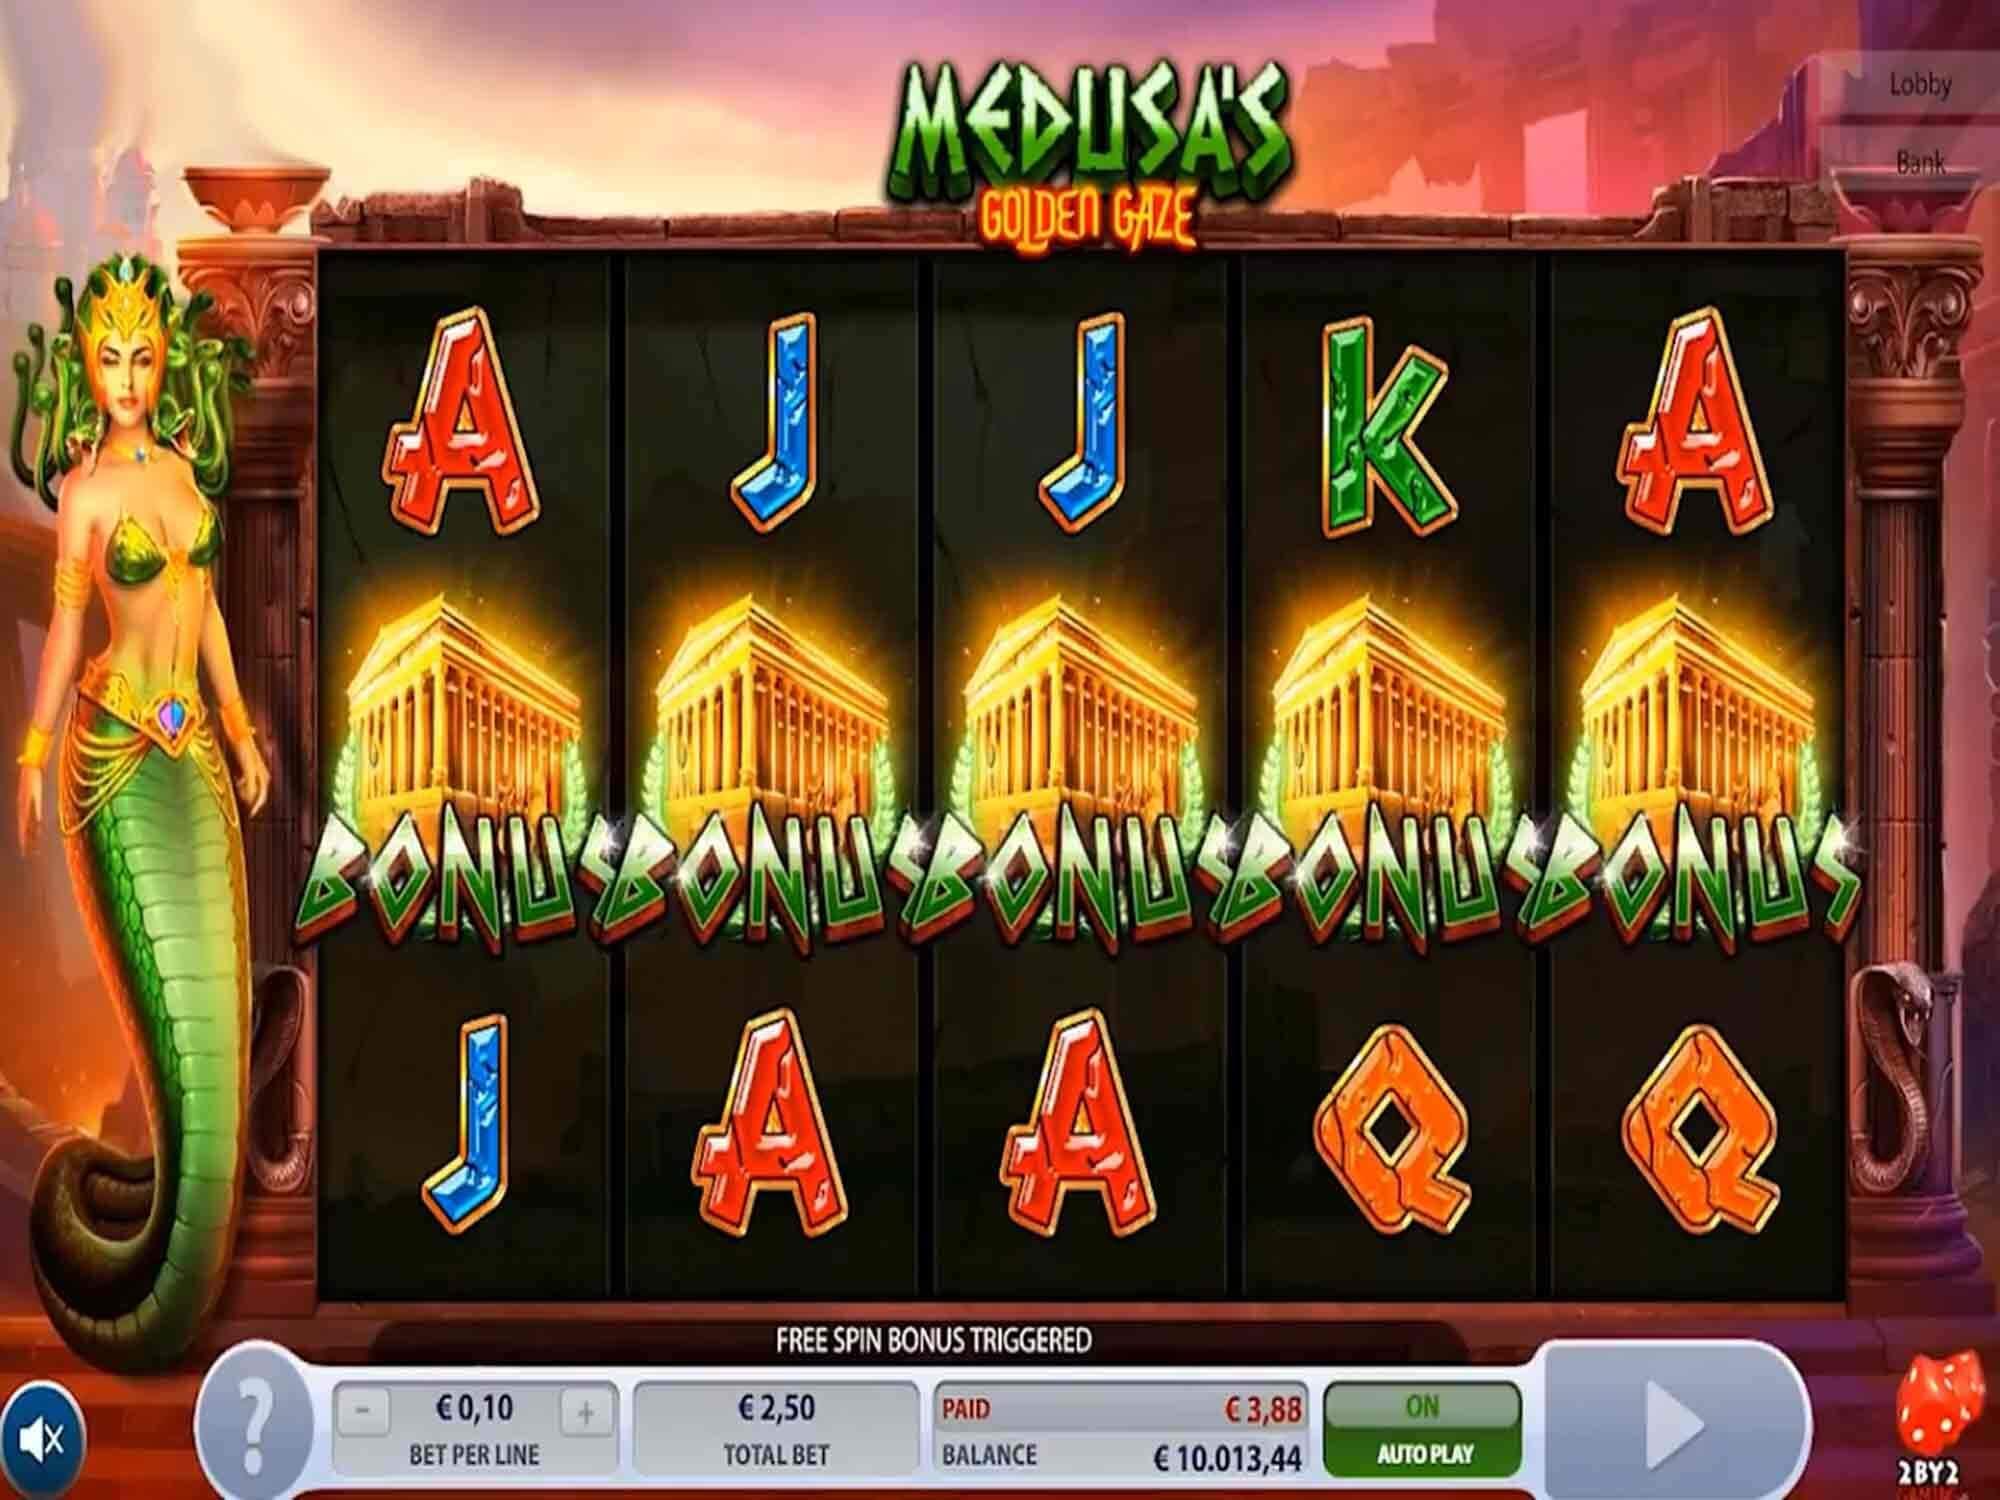 Medusa's Golden Gaze Slot Bonus